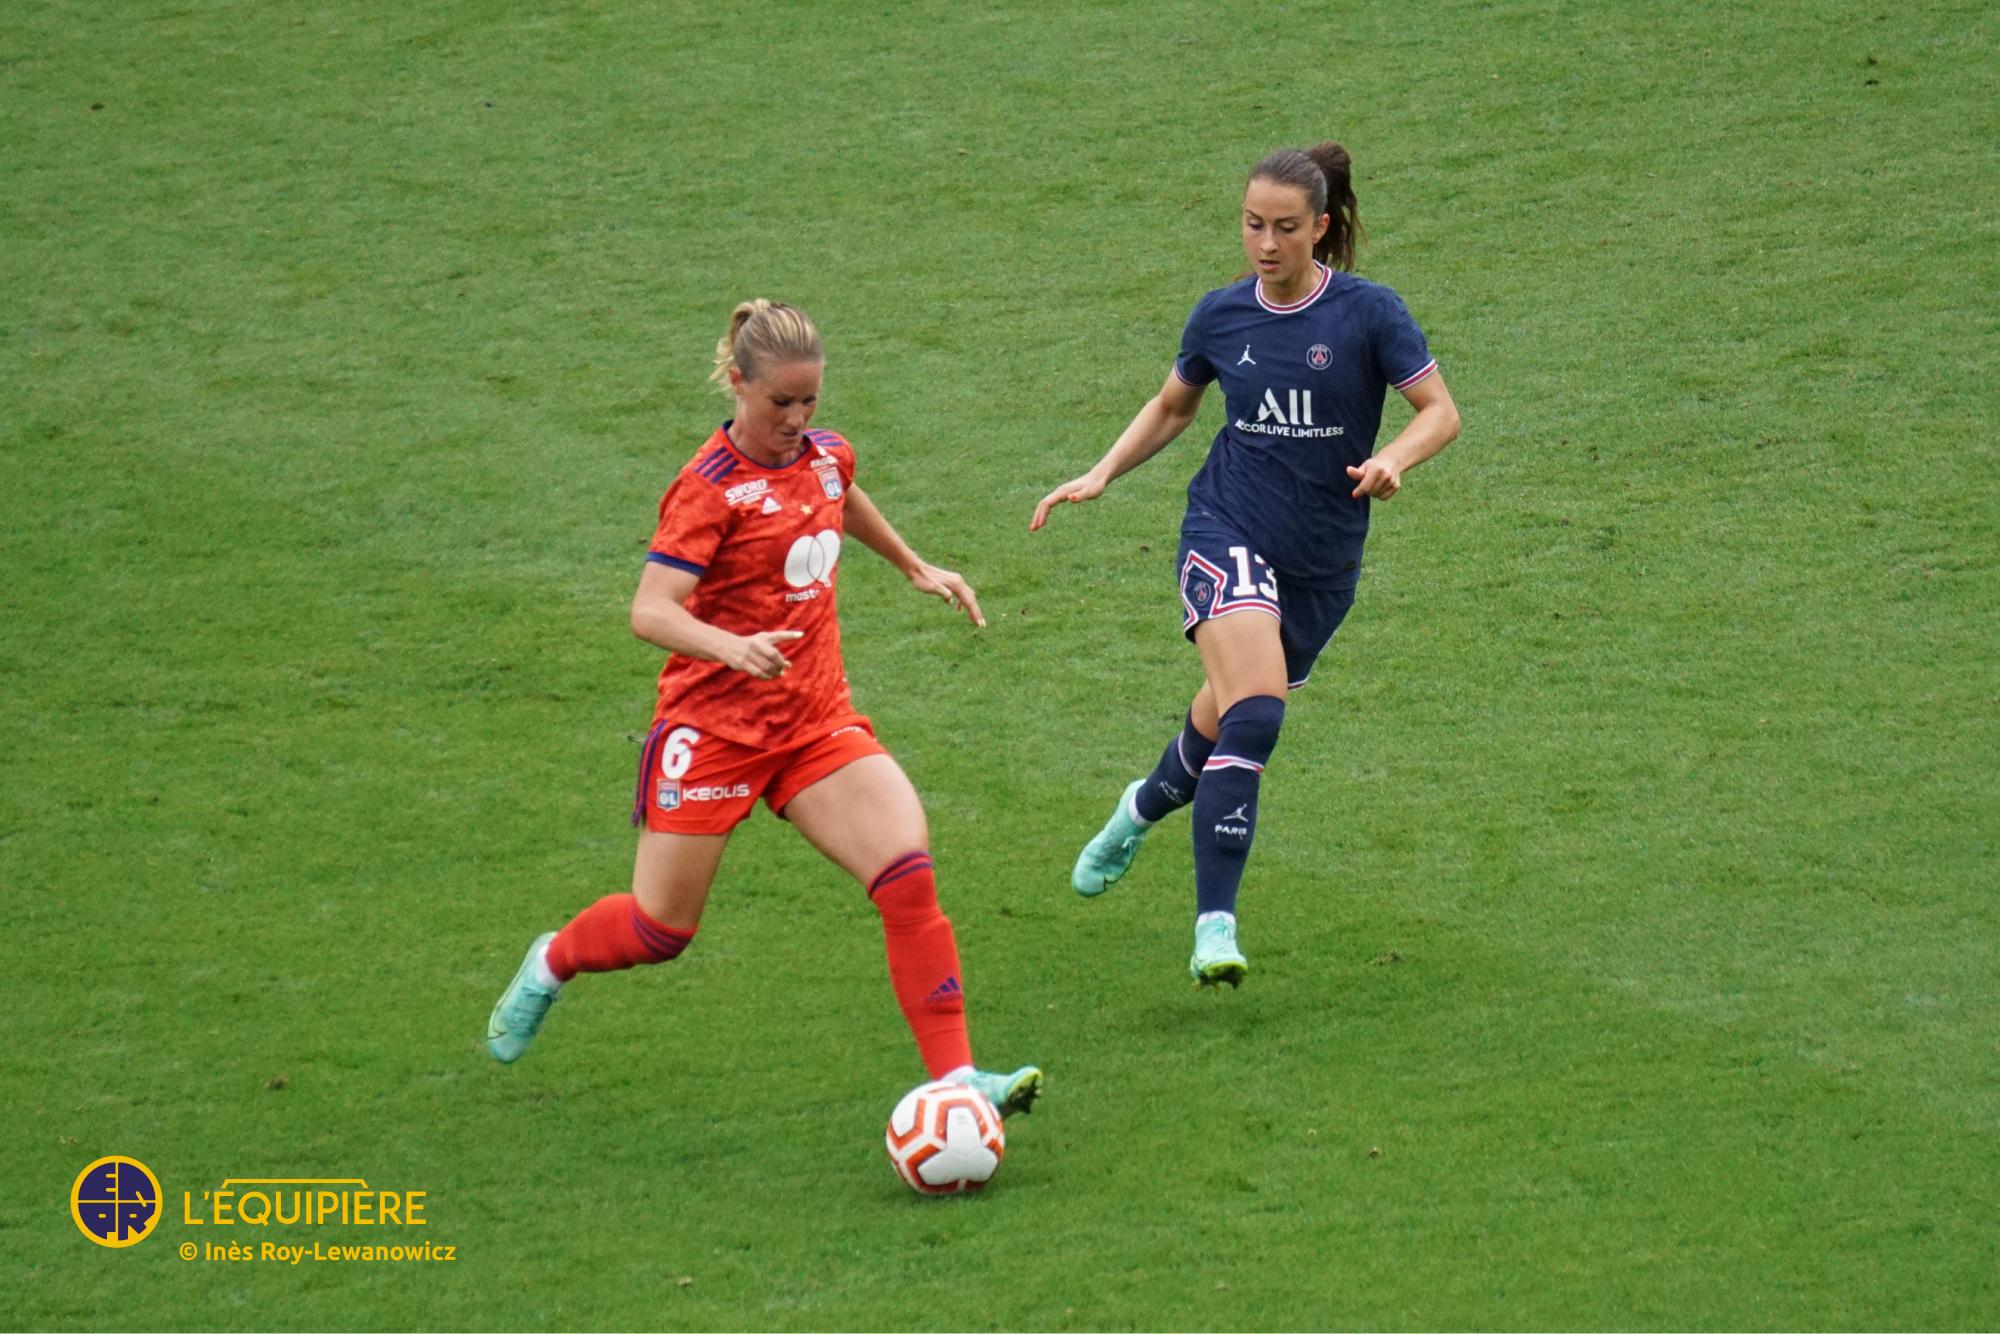 Amandine Henry (OL) vs Sara Dabritz (PSG)